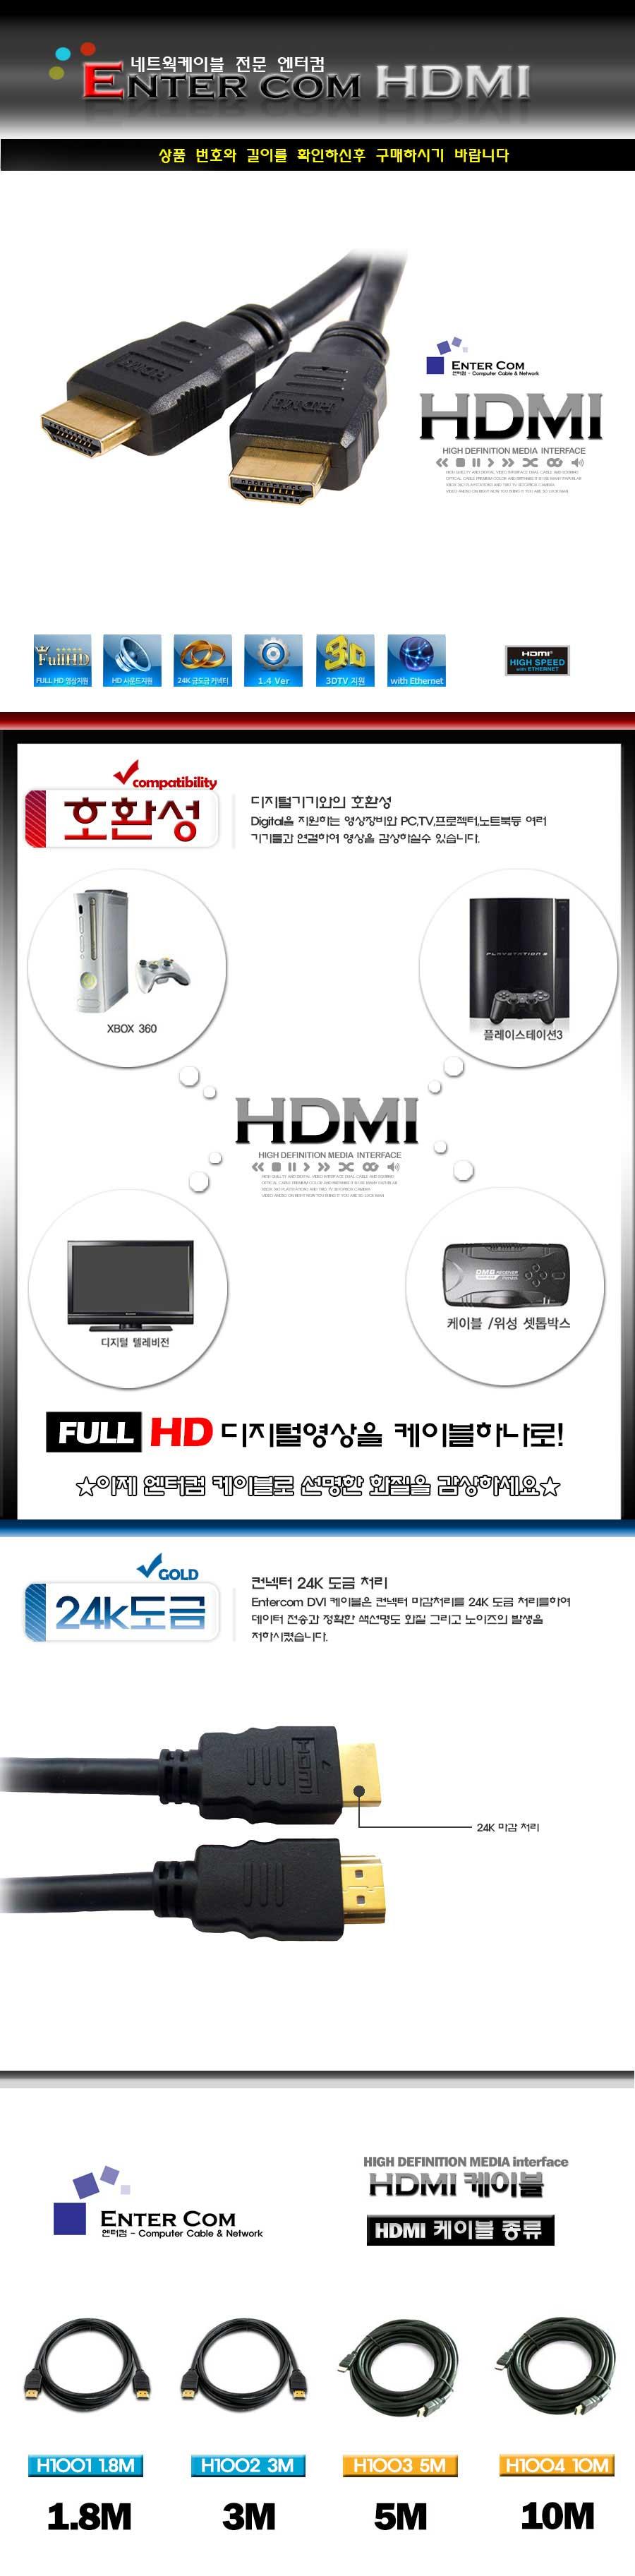 엔터컴 HDMI Ver 2.0 일반형 케이블 (3m)